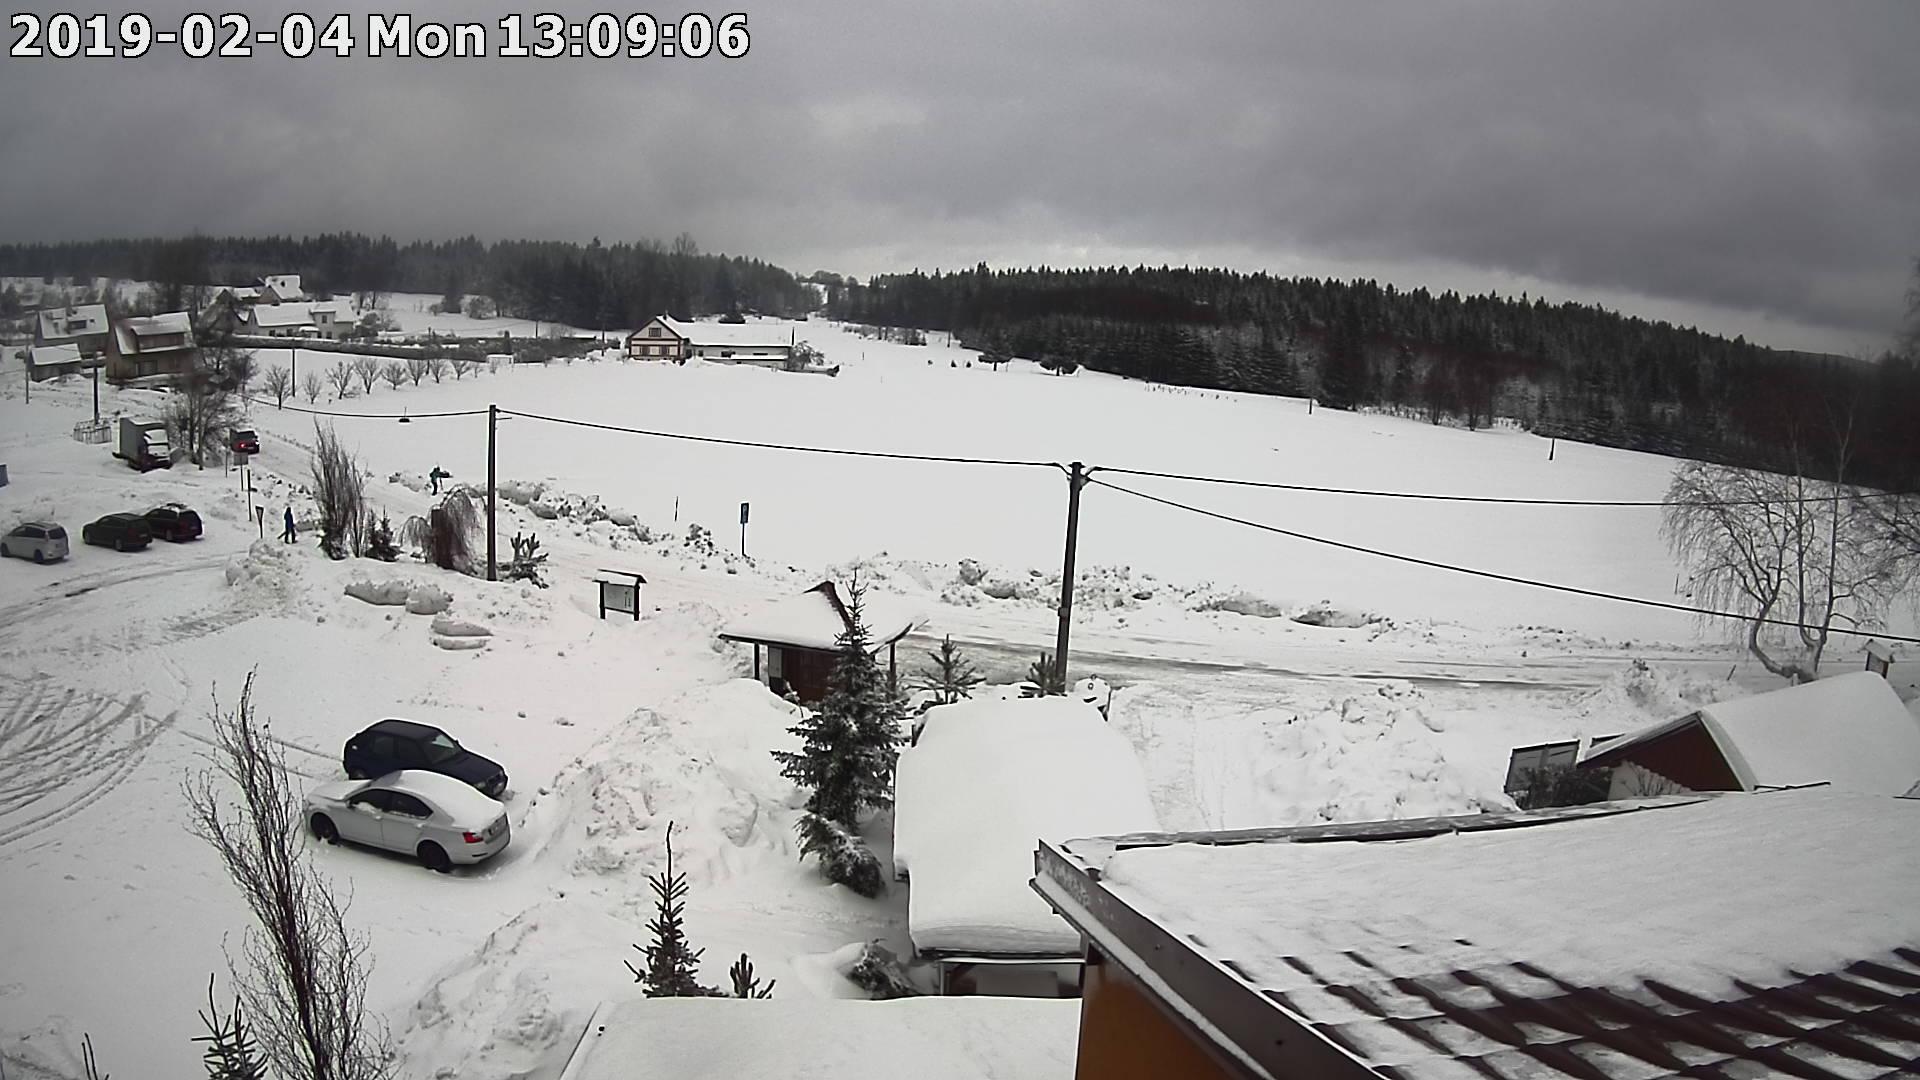 Webkamera ze dne 2019-02-04